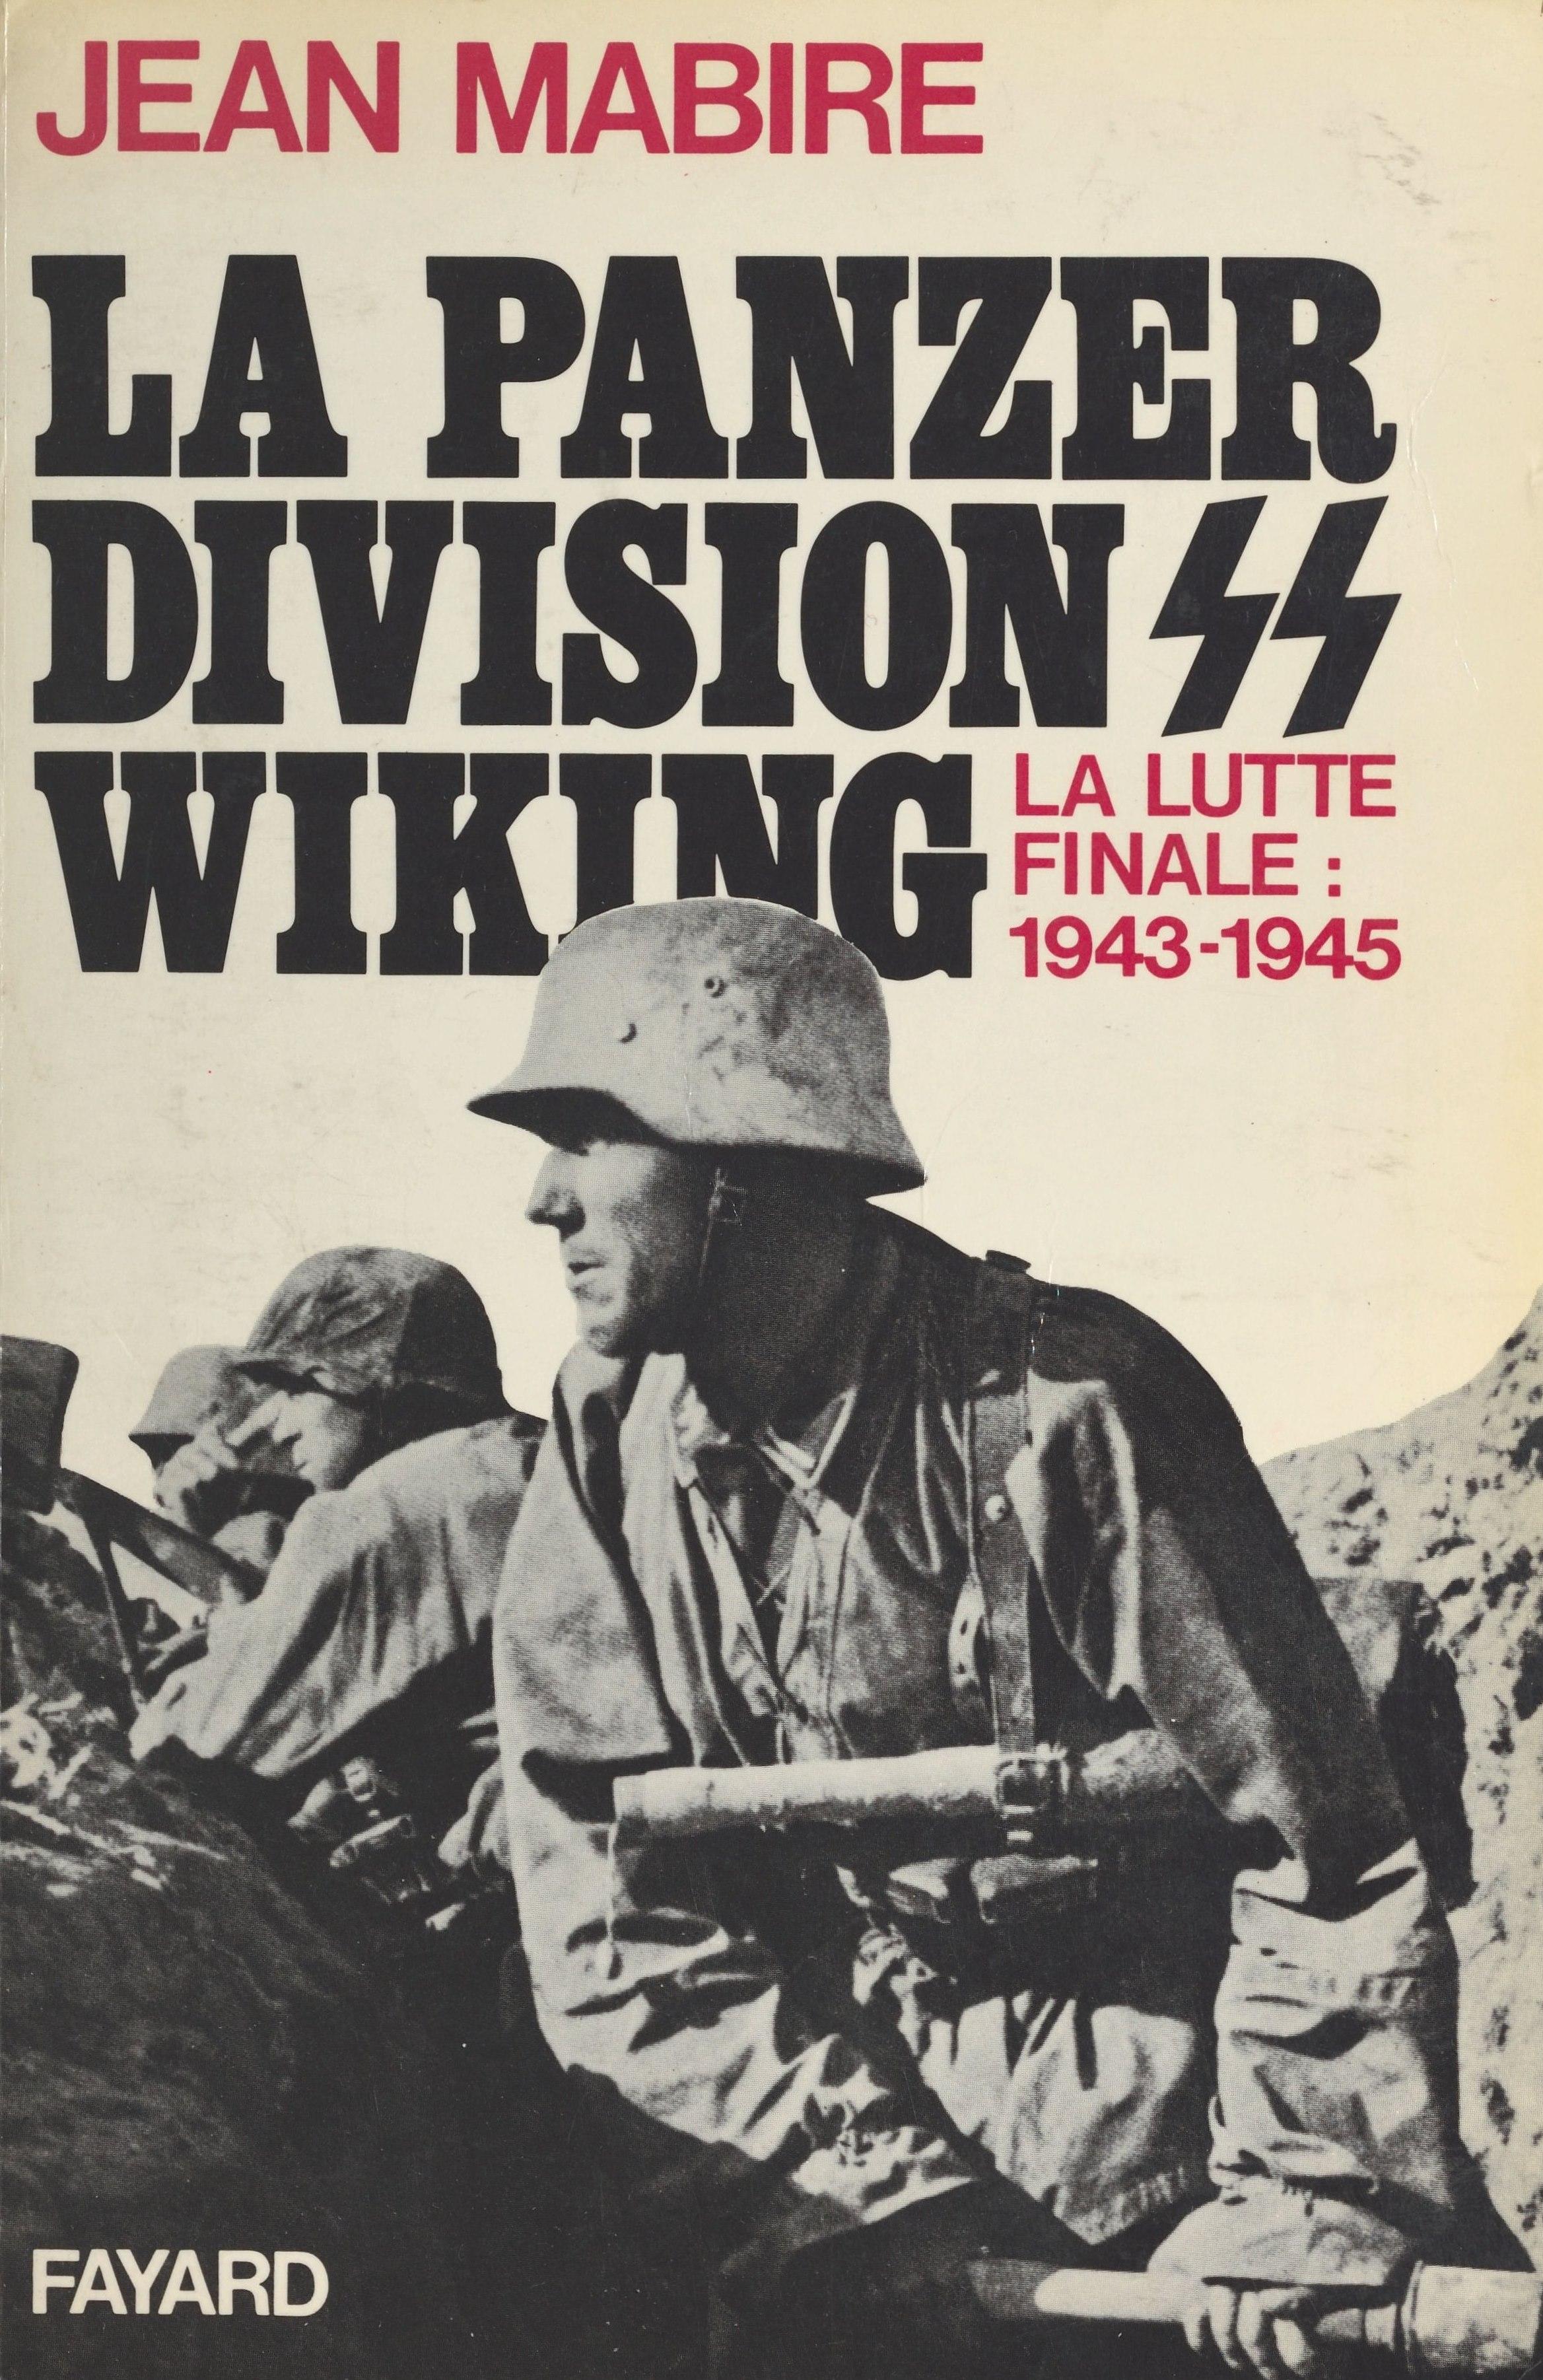 La Panzerdivision Wiking : la lutte finale (1943-1945), LA LUTTE FINALE (1943-1945)